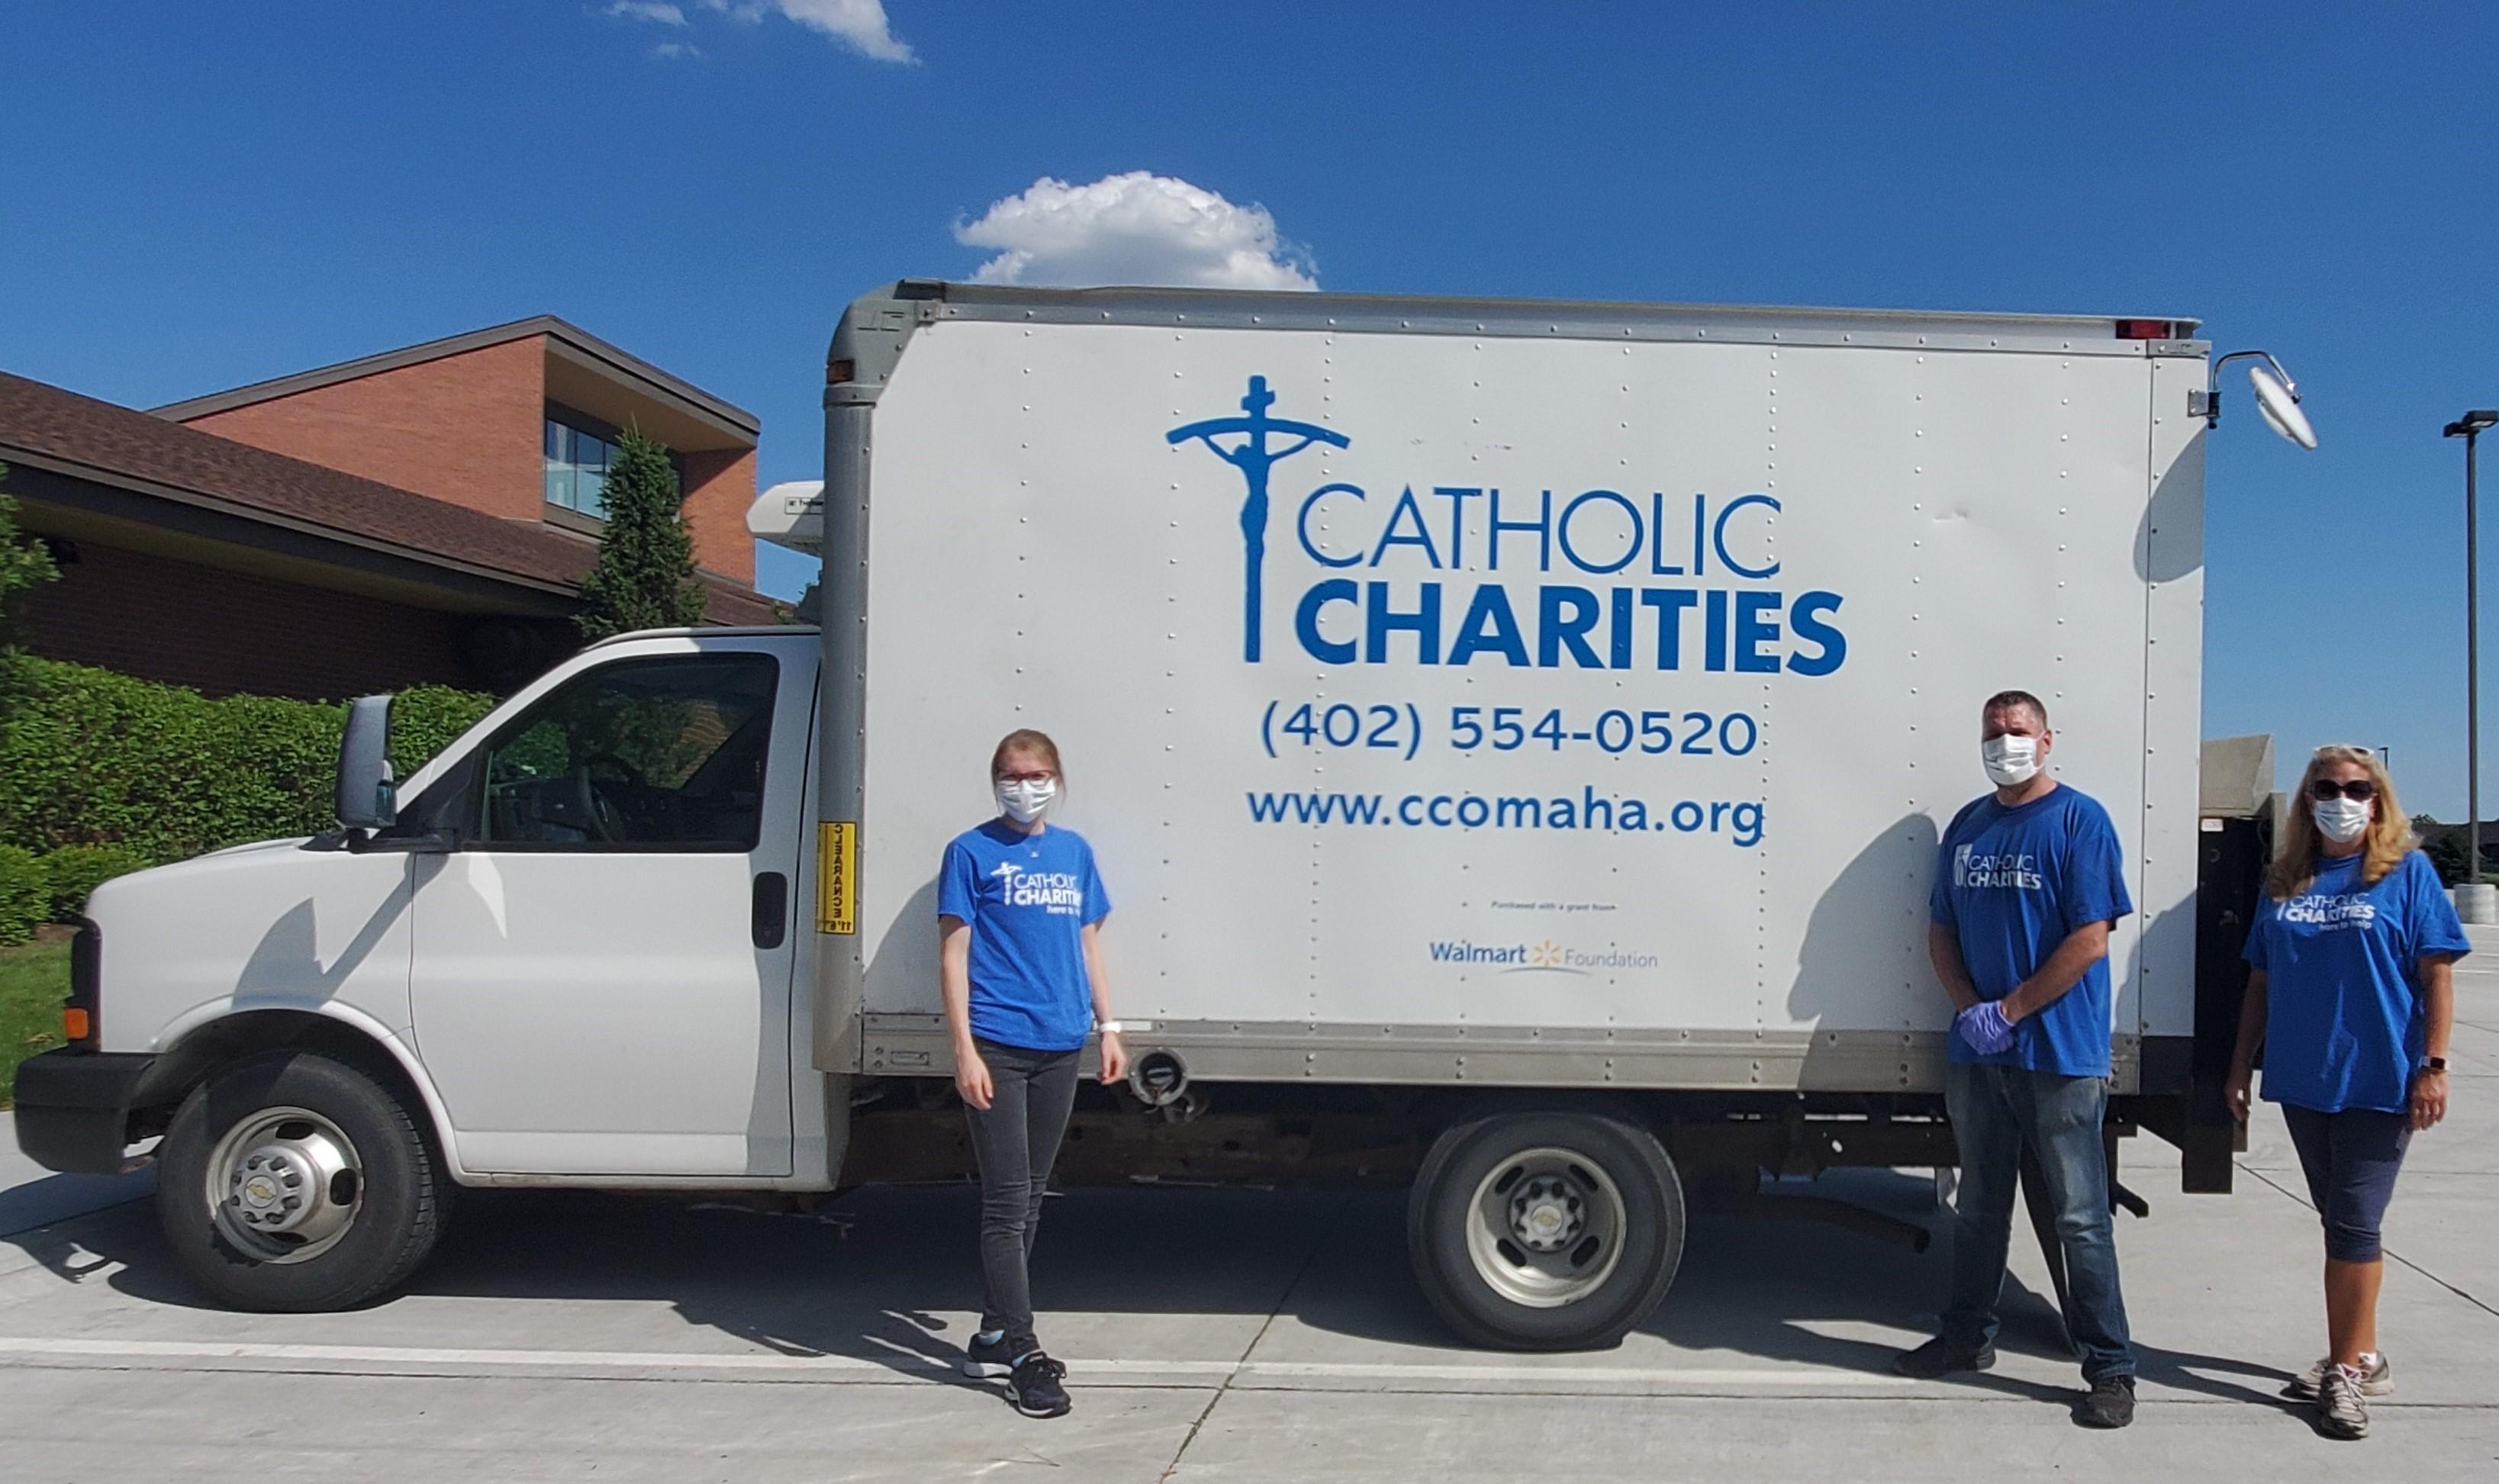 Catholic charities 2